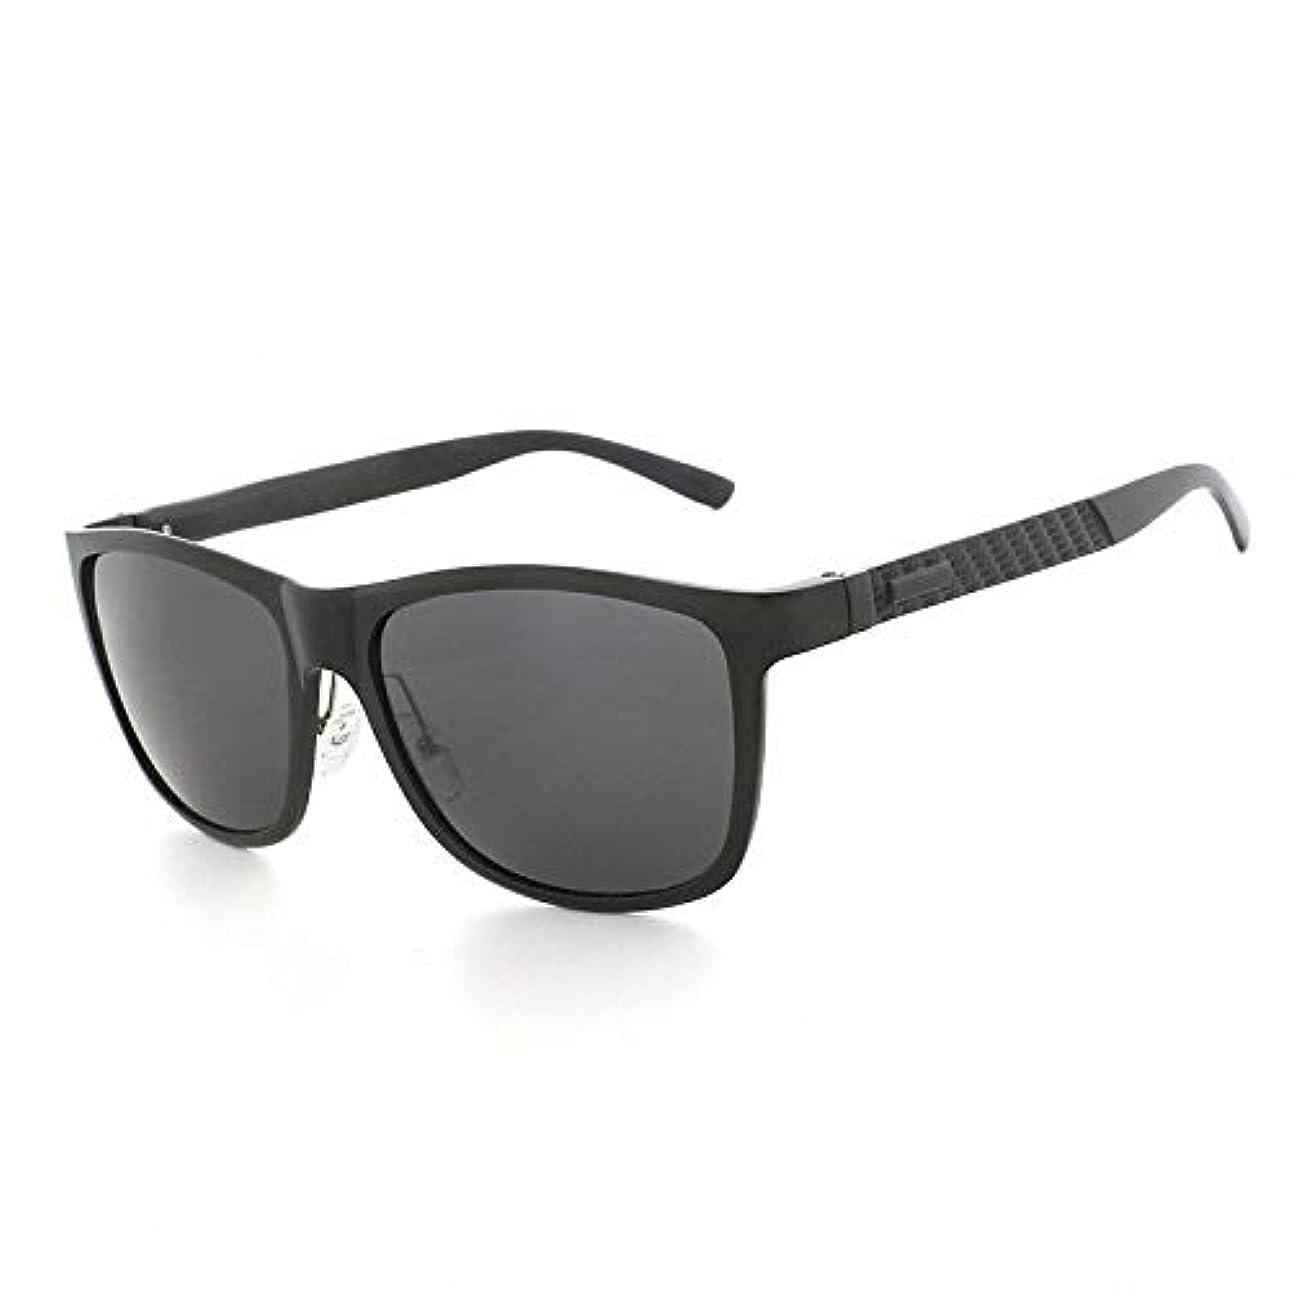 クランシースパイ紳士気取りの、きざなL.P.L サングラス メンズ スポーツサングラス ユニセックス UV400 軽量 野球 スキー ドライブ メガネ (Color : C)